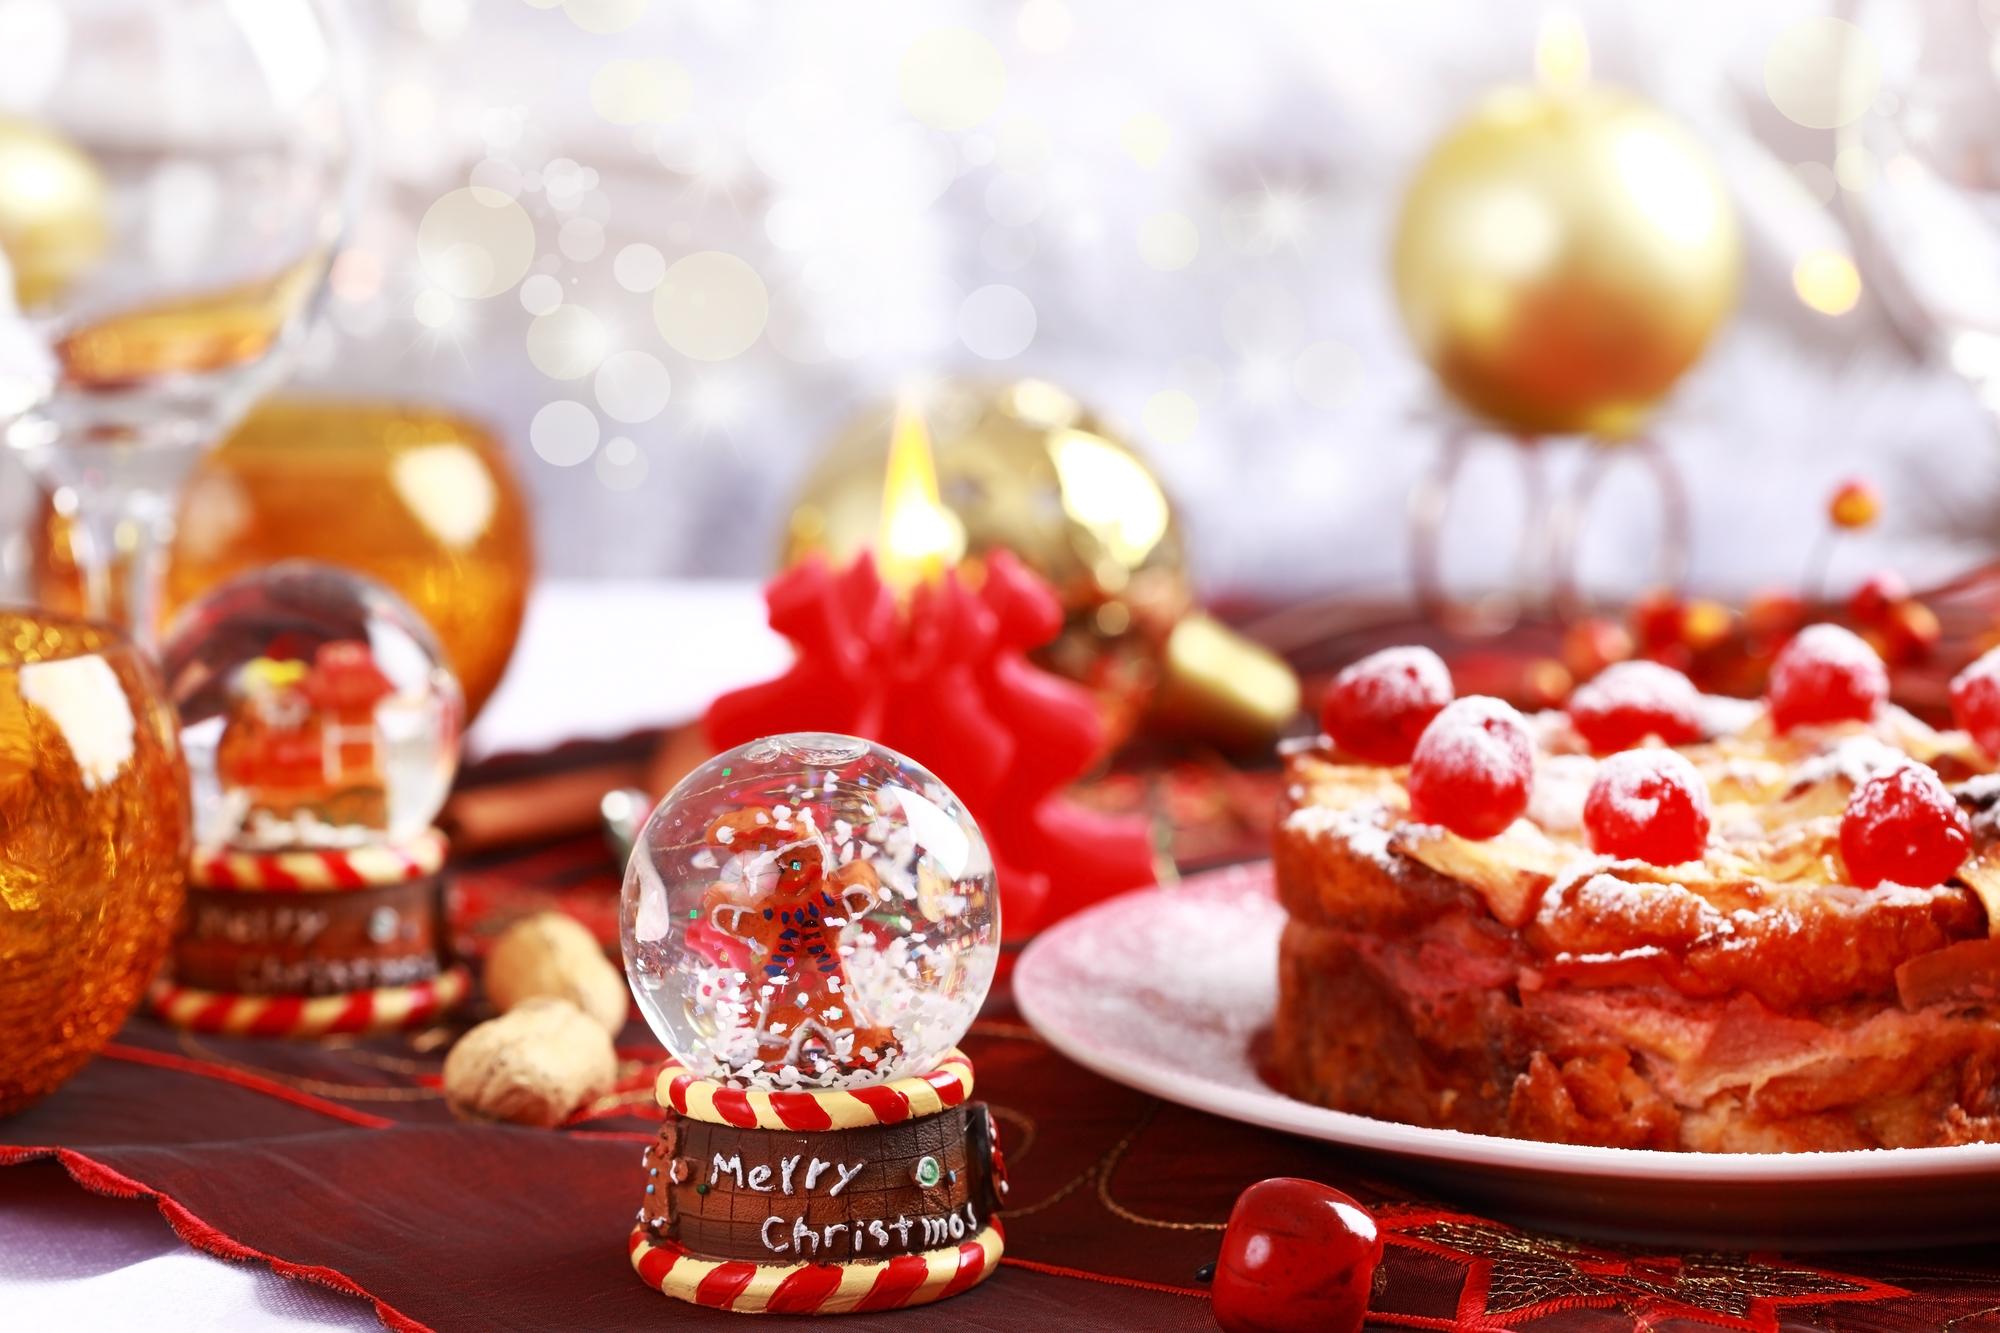 cuciniamo insieme dolci natalizi da leccarsi le punte delle dita blog buoni sconto coupon. Black Bedroom Furniture Sets. Home Design Ideas